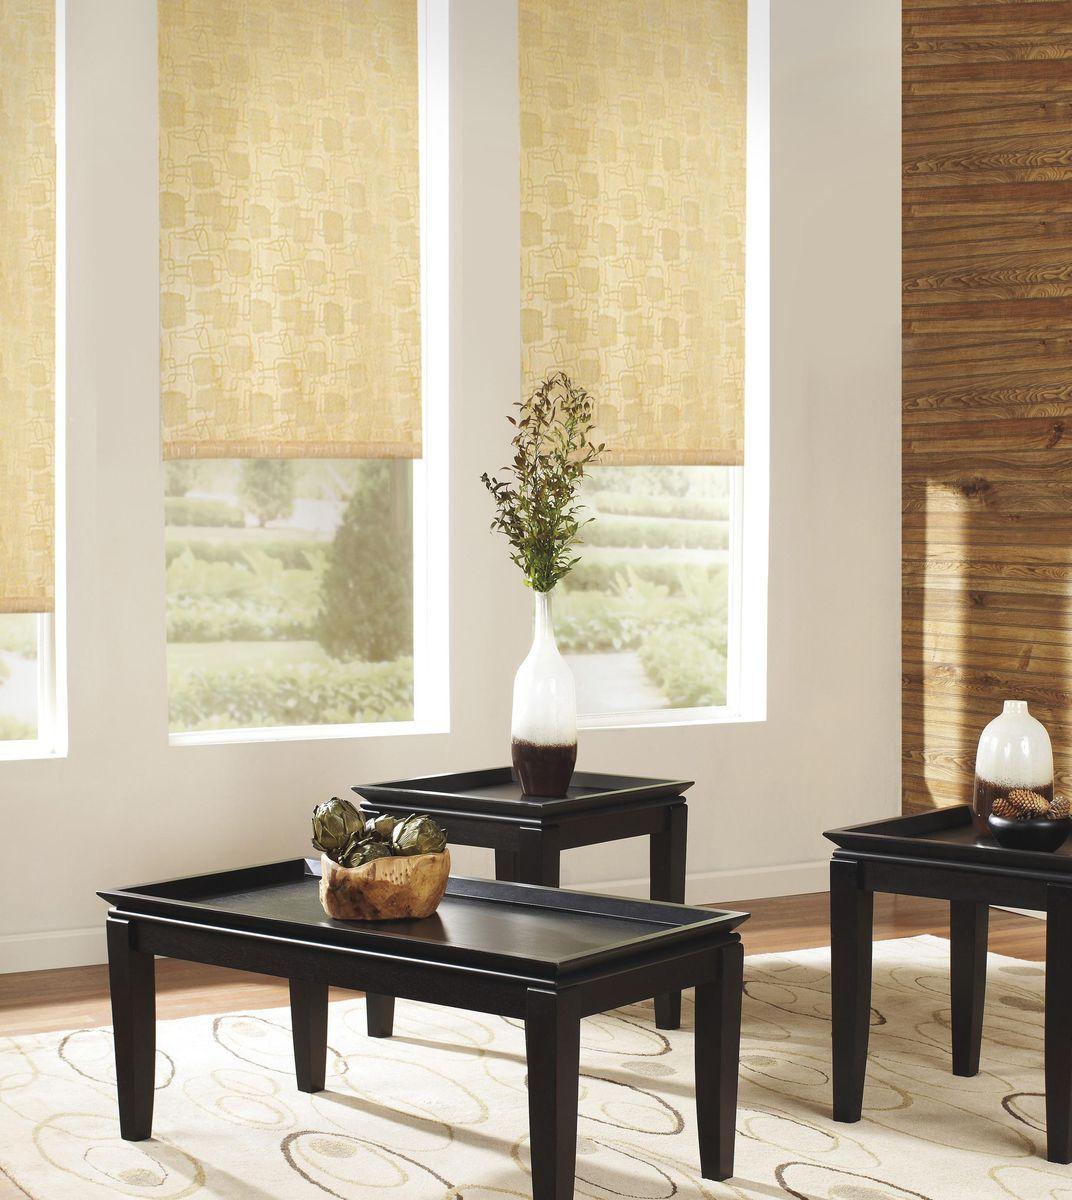 Штора рулонная Эскар Эдем, цвет: золотистый, ширина 172 см, высота 160 см87212172160Рулонными шторами можно оформлять окна как самостоятельно, так и использовать в комбинации с портьерами. Это поможет предотвратить выгорание дорогой ткани на солнце и соединит функционал рулонных с красотой навесных. Преимущества применения рулонных штор для пластиковых окон: - имеют прекрасный внешний вид: многообразие и фактурность материала изделия отлично смотрятся в любом интерьере; - многофункциональны: есть возможность подобрать шторы способные эффективно защитить комнату от солнца, при этом она не будет слишком темной. - Есть возможность осуществить быстрый монтаж. ВНИМАНИЕ! Размеры ширины изделия указаны по ширине ткани! Во время эксплуатации не рекомендуется полностью разматывать рулон, чтобы не оторвать ткань от намоточного вала. В случае загрязнения поверхности ткани, чистку шторы проводят одним из способов, в зависимости от типа загрязнения: легкое поверхностное загрязнение можно удалить при помощи канцелярского ластика; чистка от пыли производится сухим методом при...